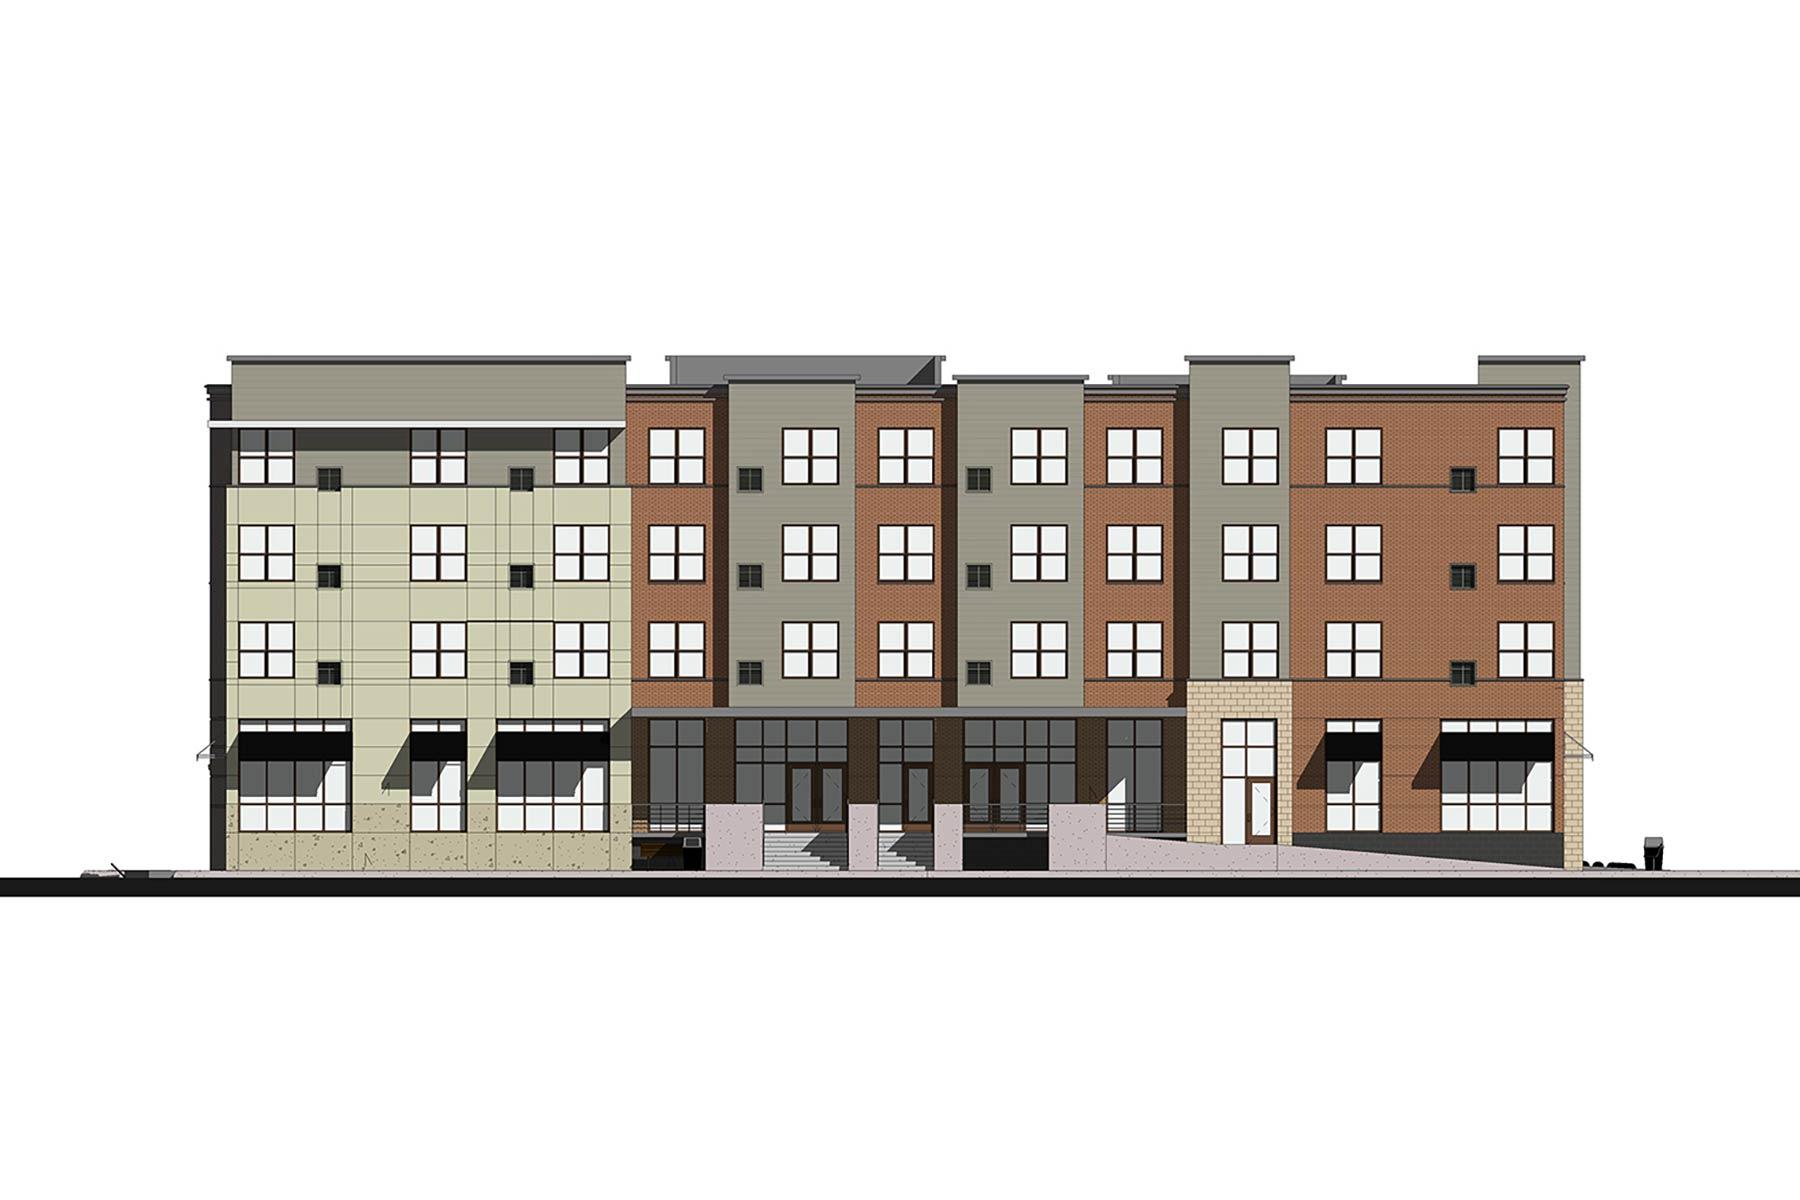 Main Square Winona Architectural Project